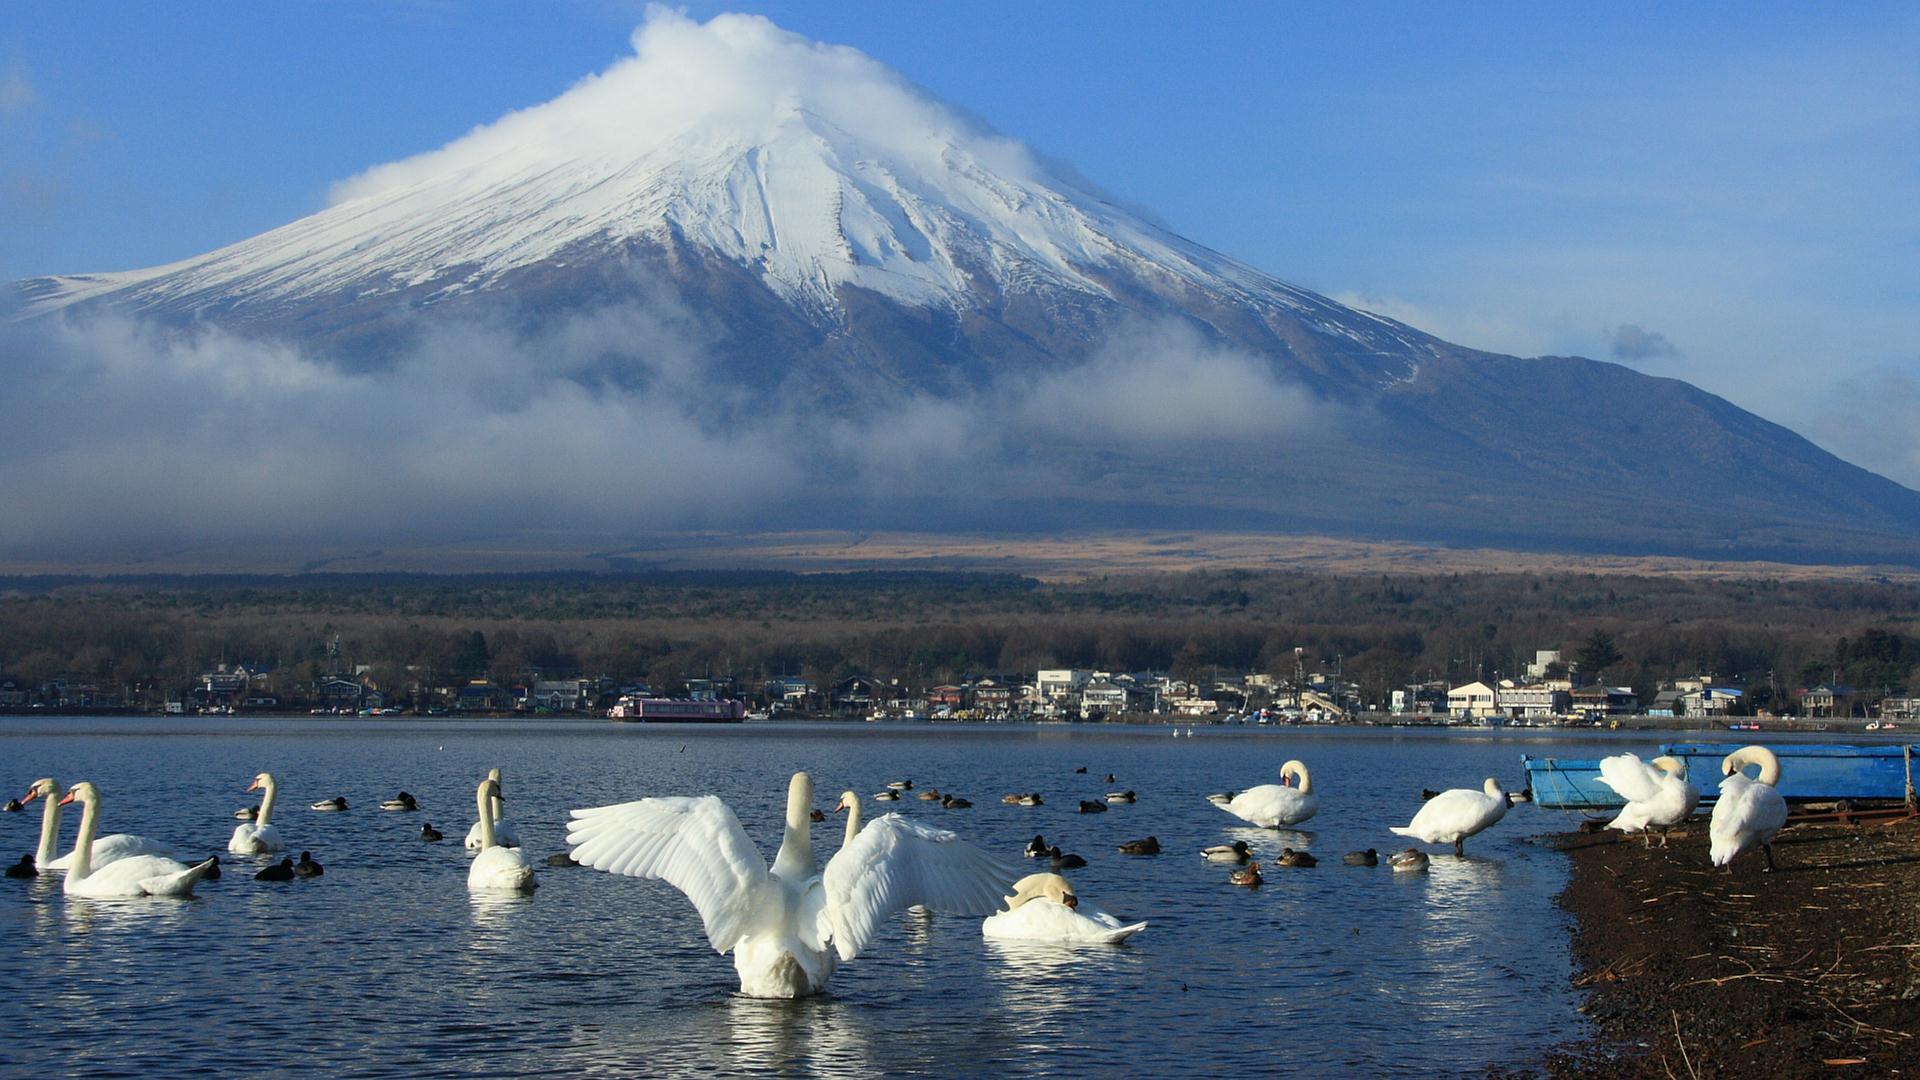 富士山の壁紙を1920 1080サイズ限定で集めてみた 画像 日本の